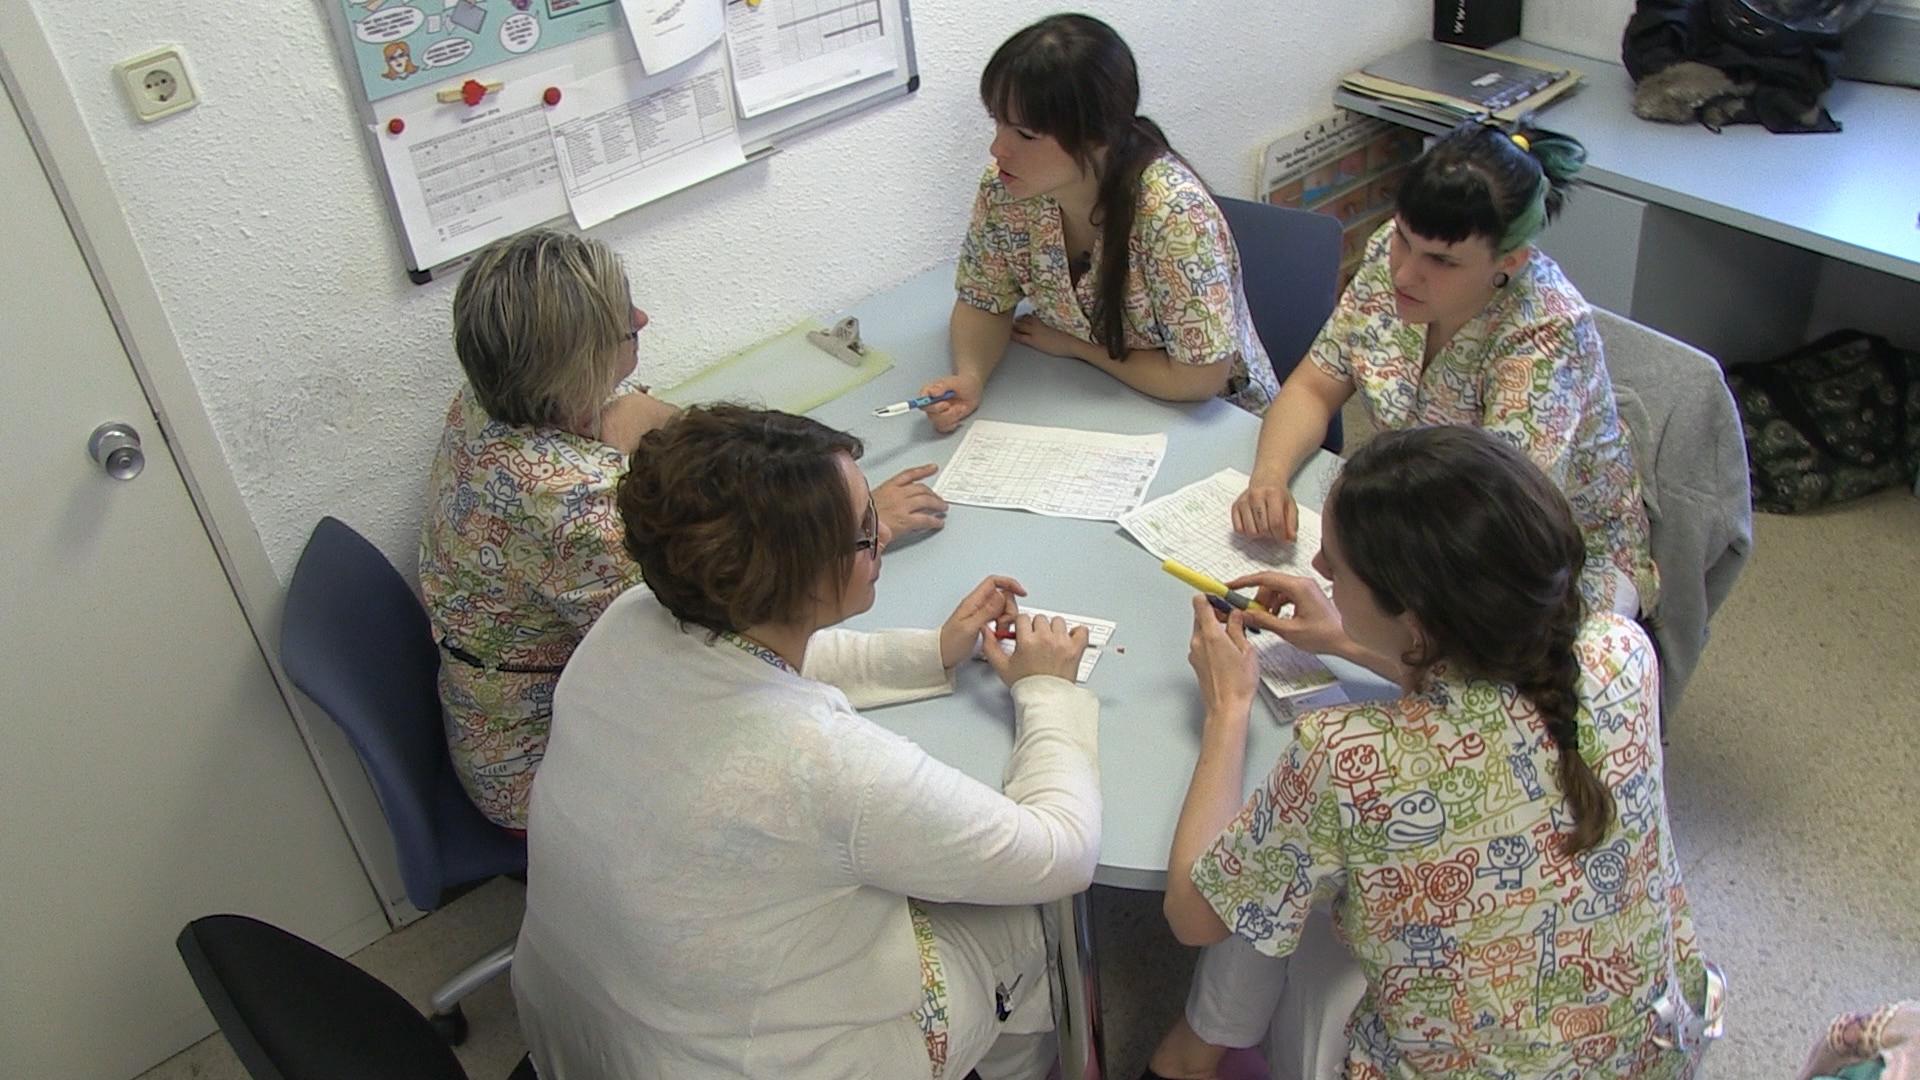 El TSJA reconoce el solape de las enfermeras como jornada laboral